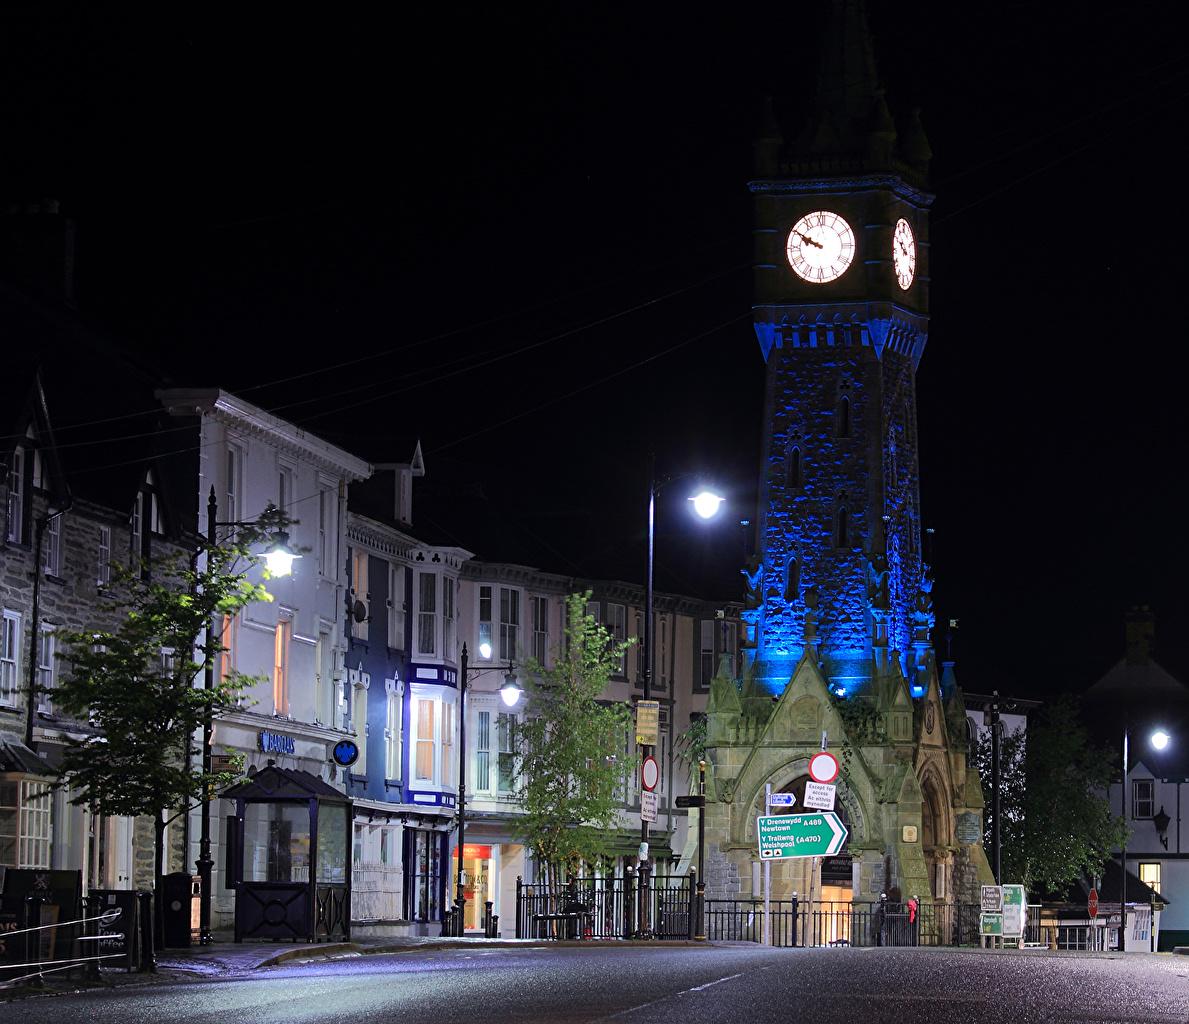 Immagine Regno Unito Machynlleth Orologio Via della città Di notte Lampioni Città La casa Notte notturna edificio